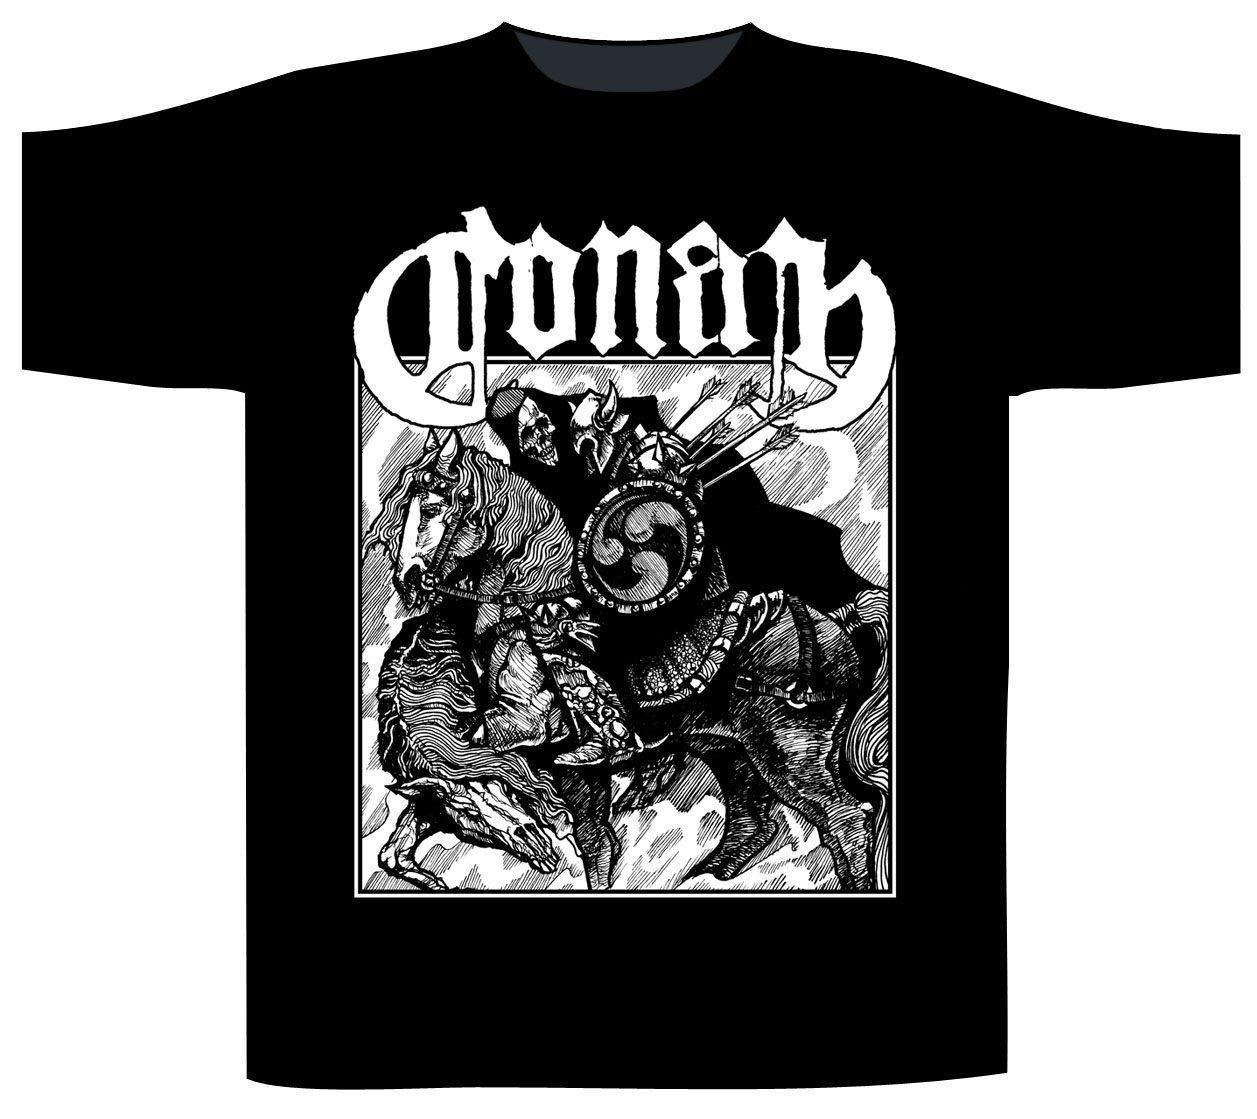 Conan T-Shirt Horseback Battle Hammer